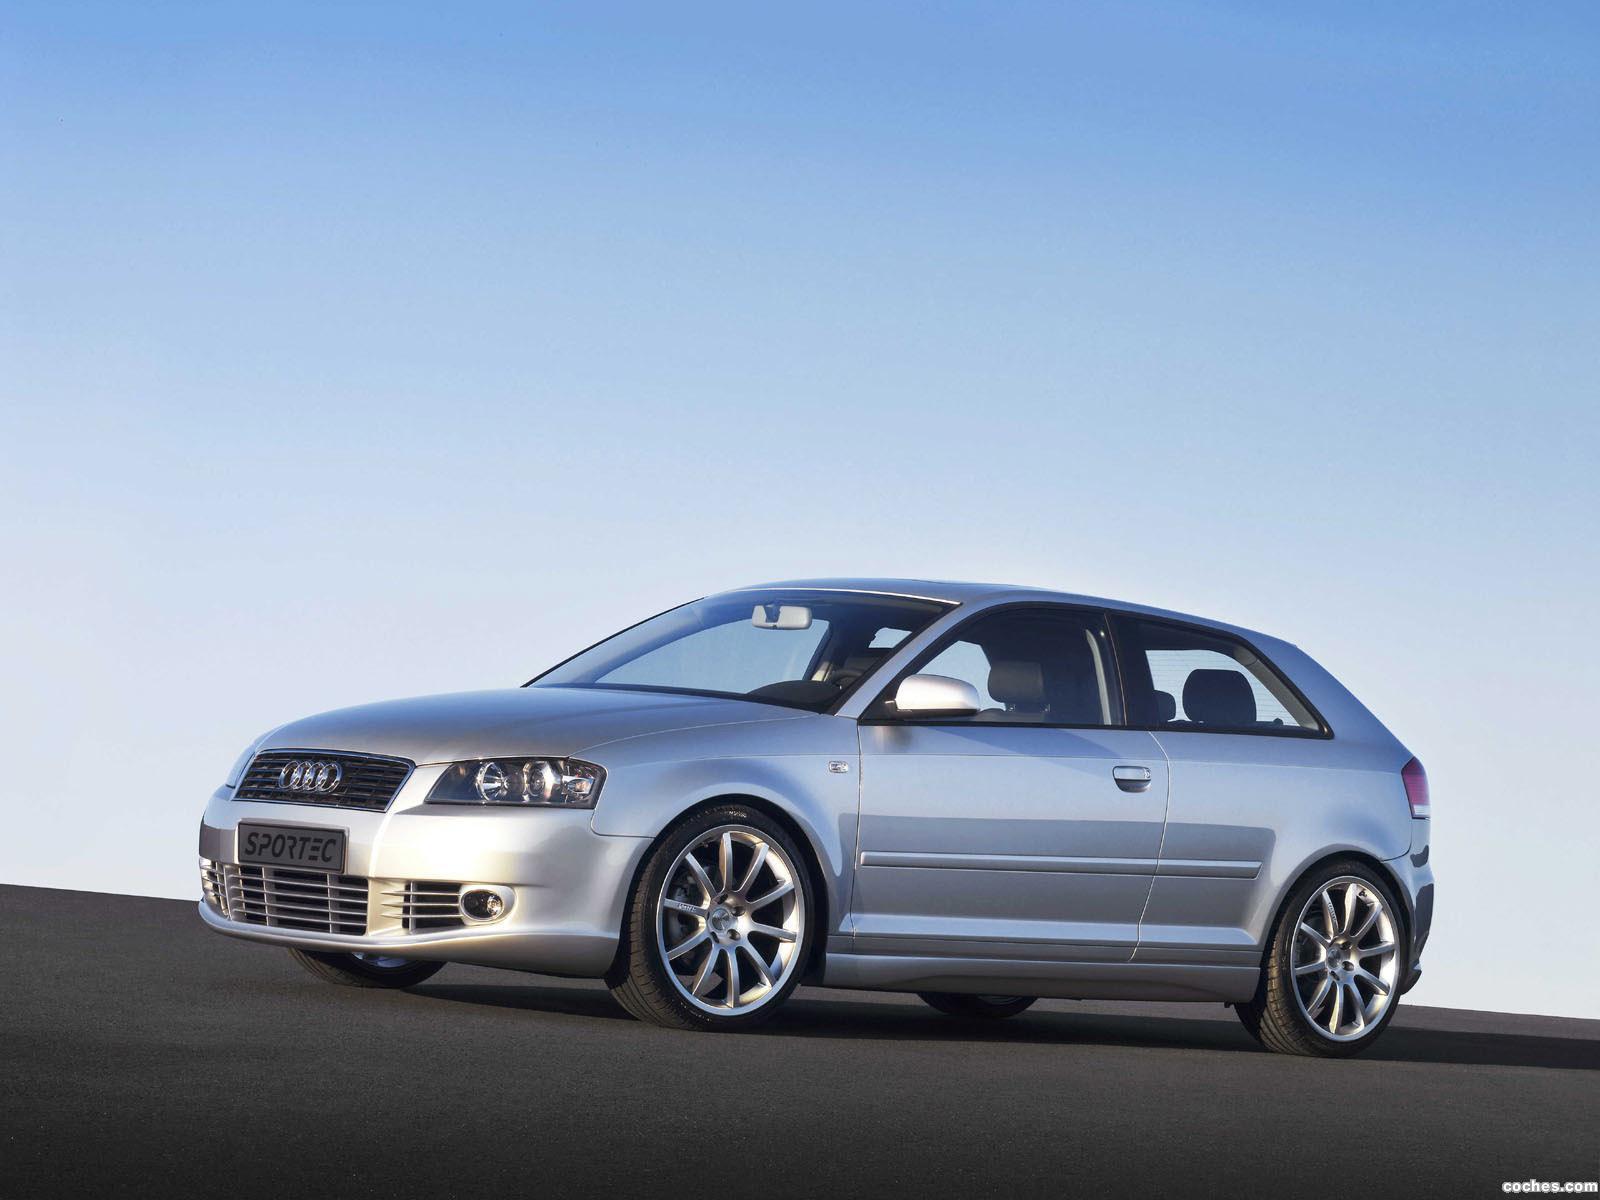 Fotos de Audi Sportec A3 8p 2010